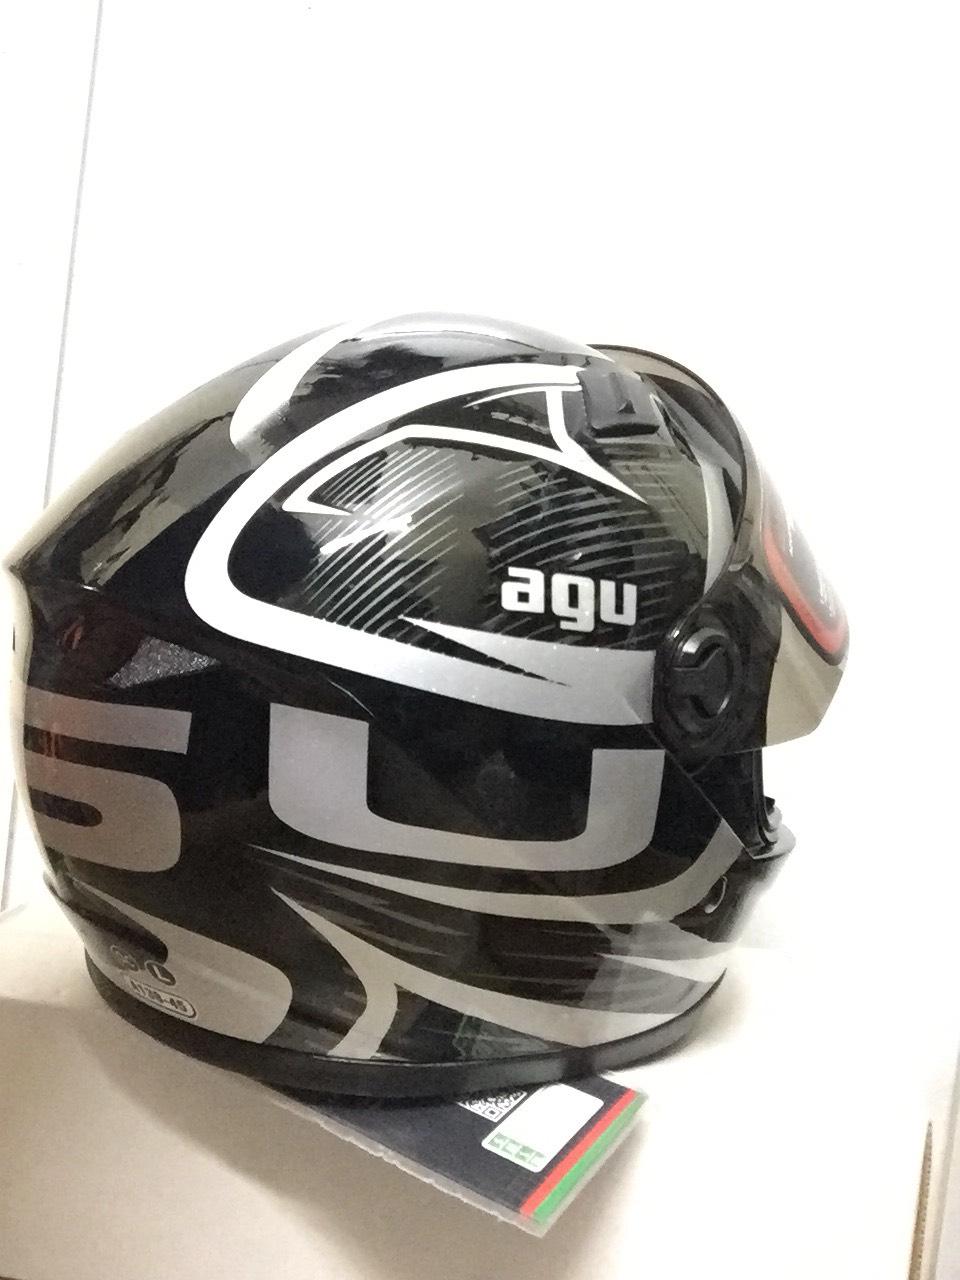 Miễn phí vận chuyển Mũ Bảo Hiểm AGU Fullface tem avenger xám ghi sang trọng hàng chính hãng có tem kiểm định